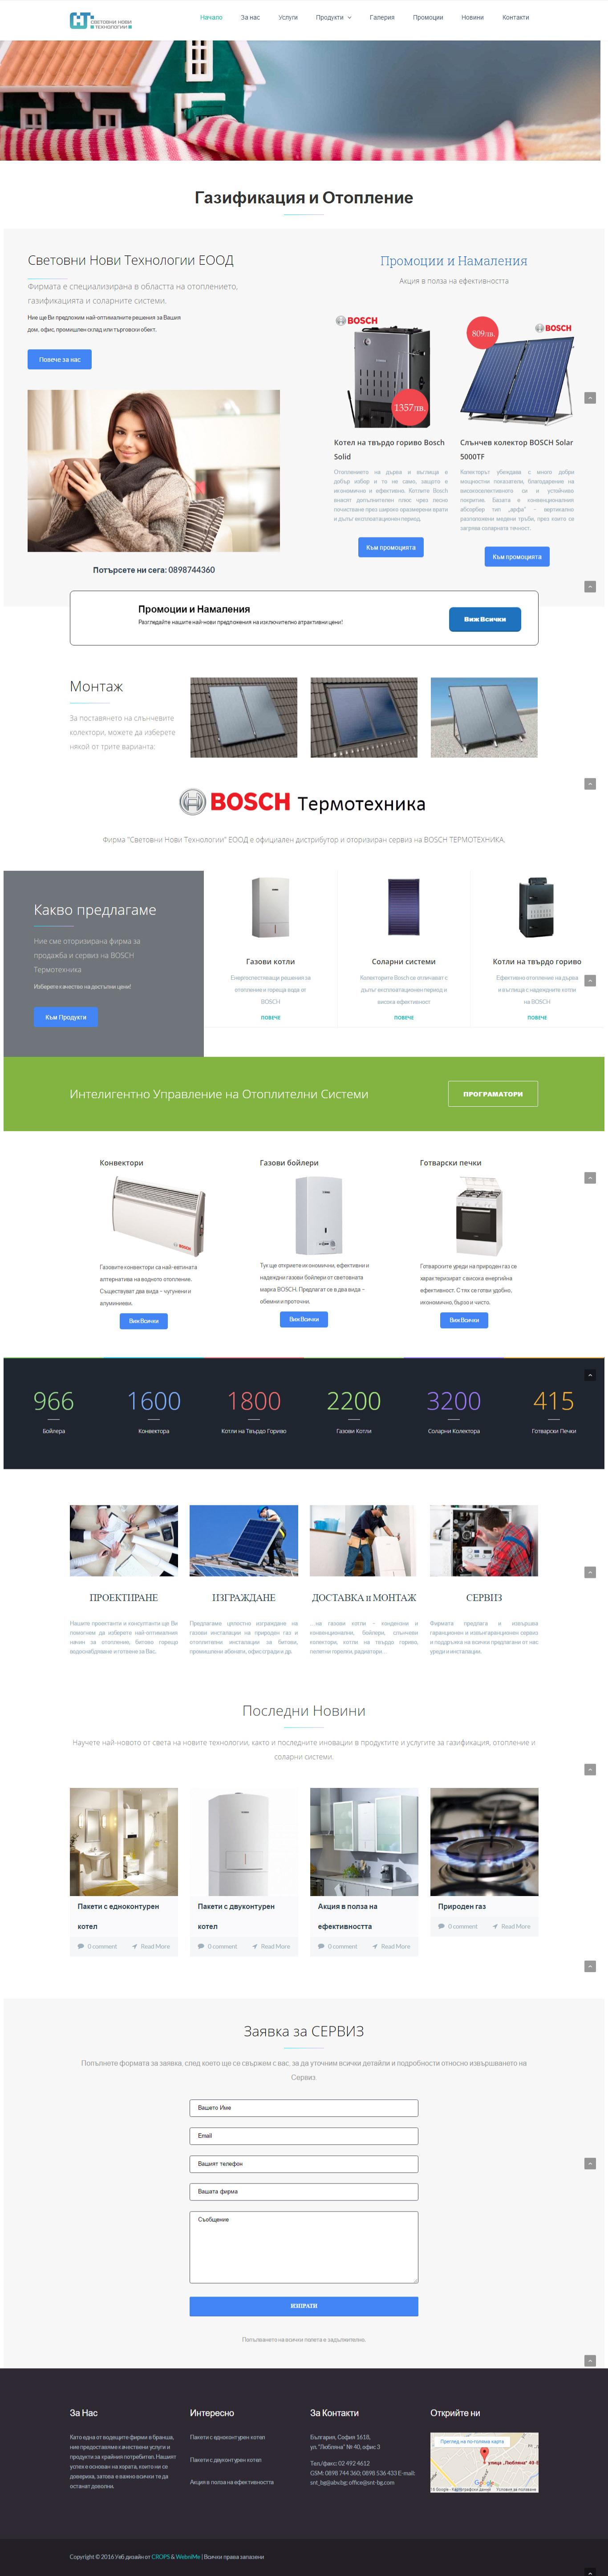 Уеб сайт за газификация и отопление